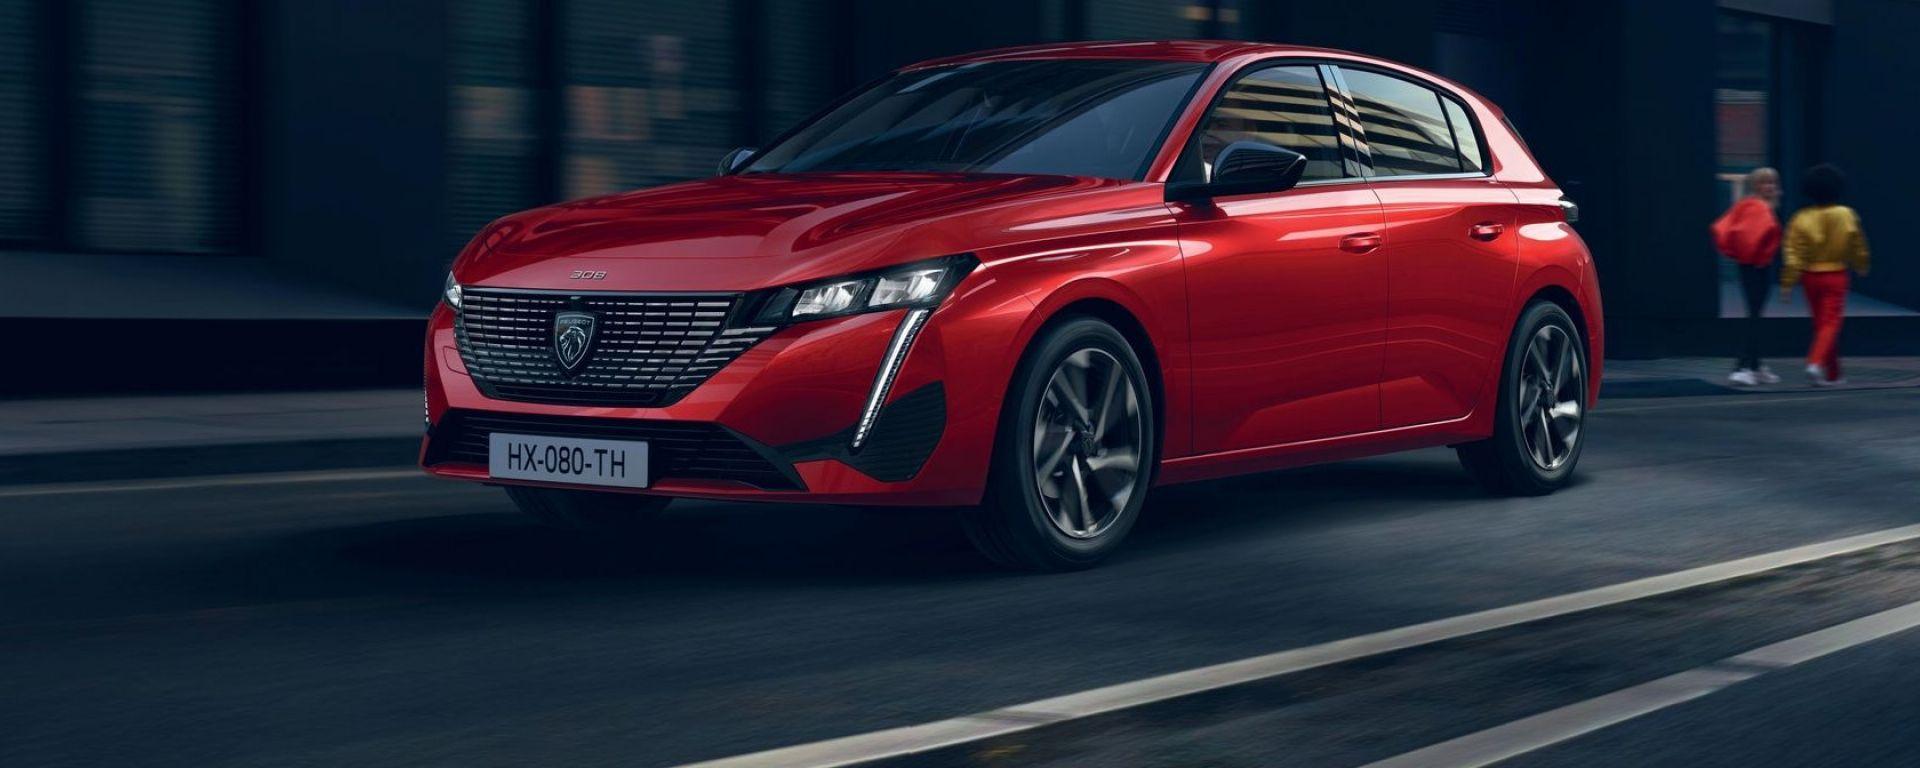 Nuova Peugeot 308: i prezzi ufficiali della nuova media francese